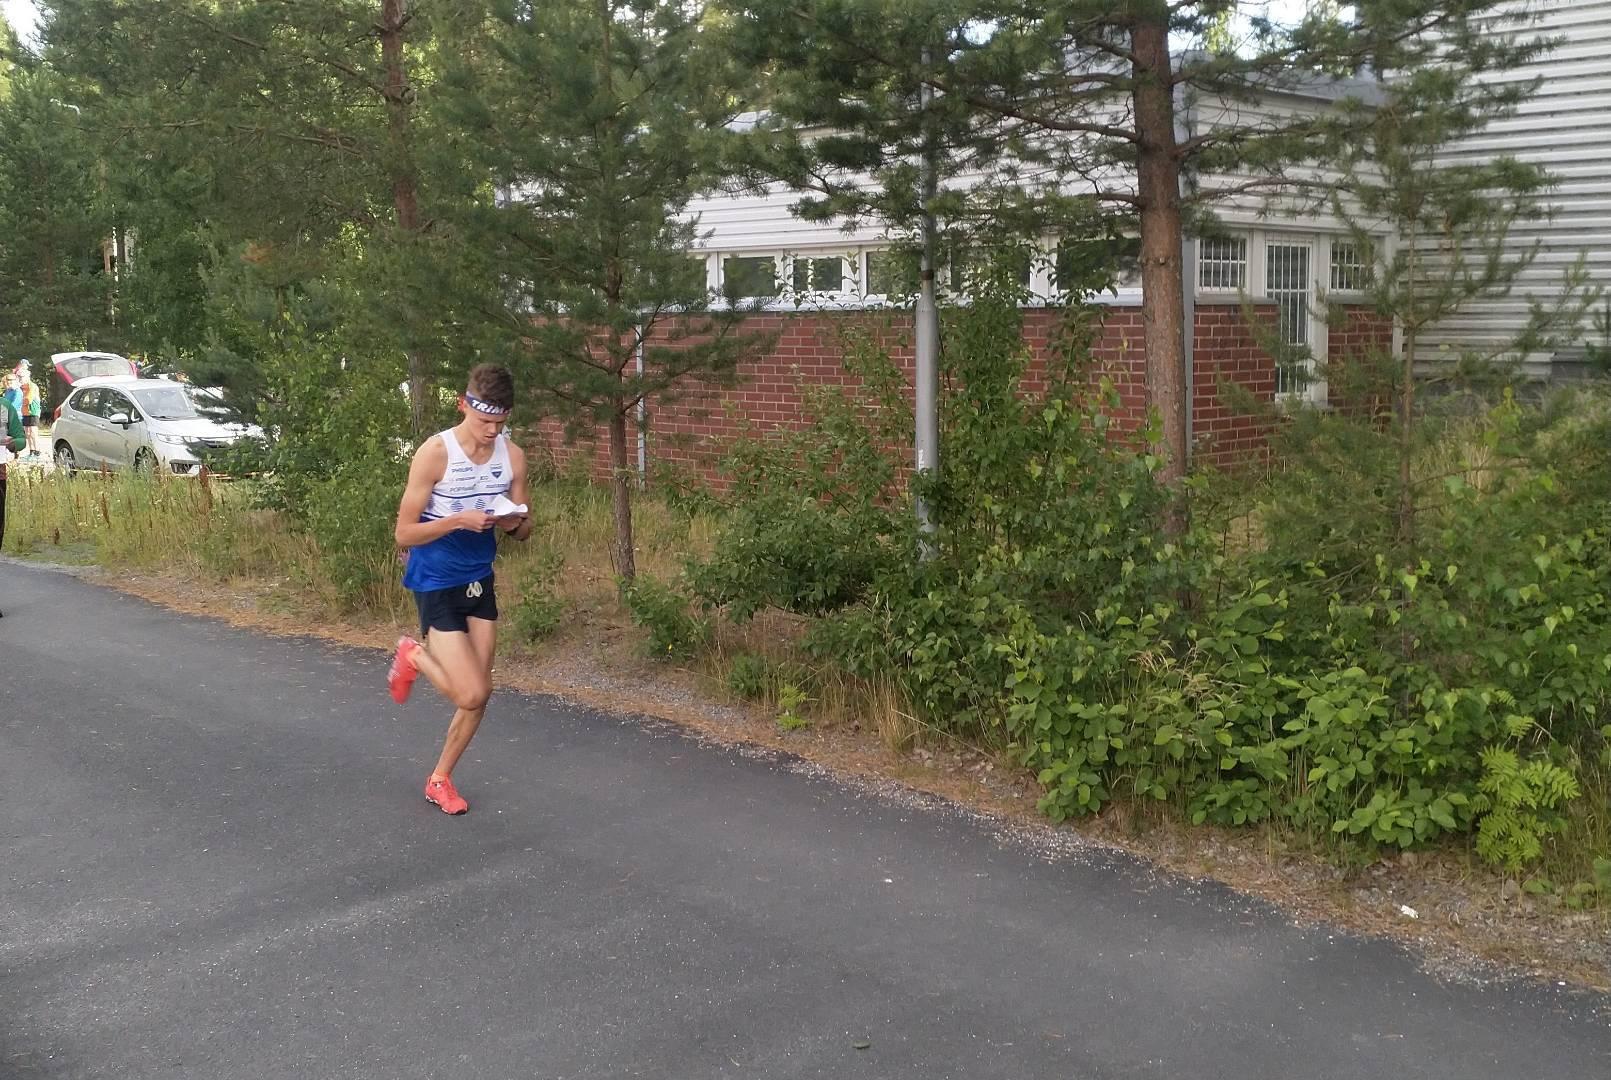 Tampere Sprint Tourin 2- osakilpailu suunnistettu